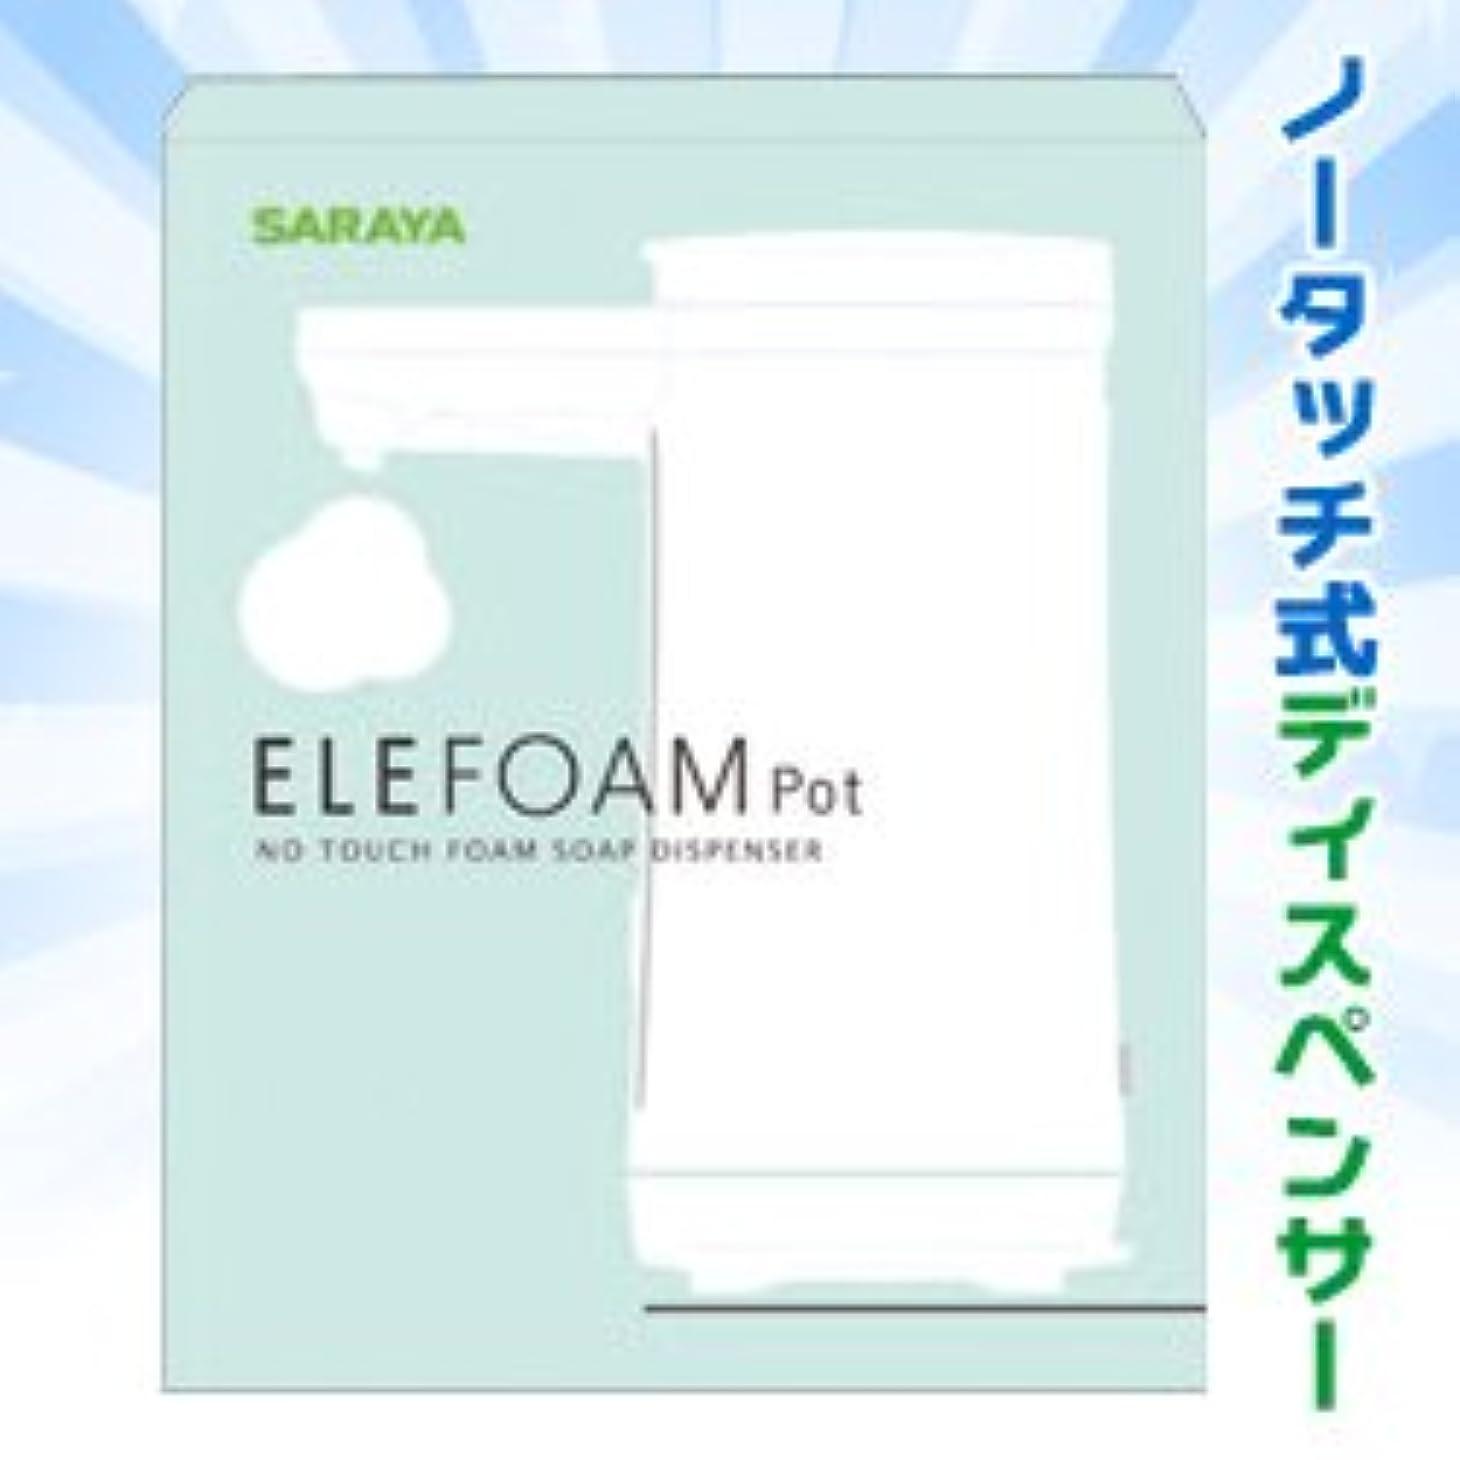 記憶夕食を作る厚い【サラヤ】 ノータッチ式ディスペンサー エレフォームポット ×5個セット